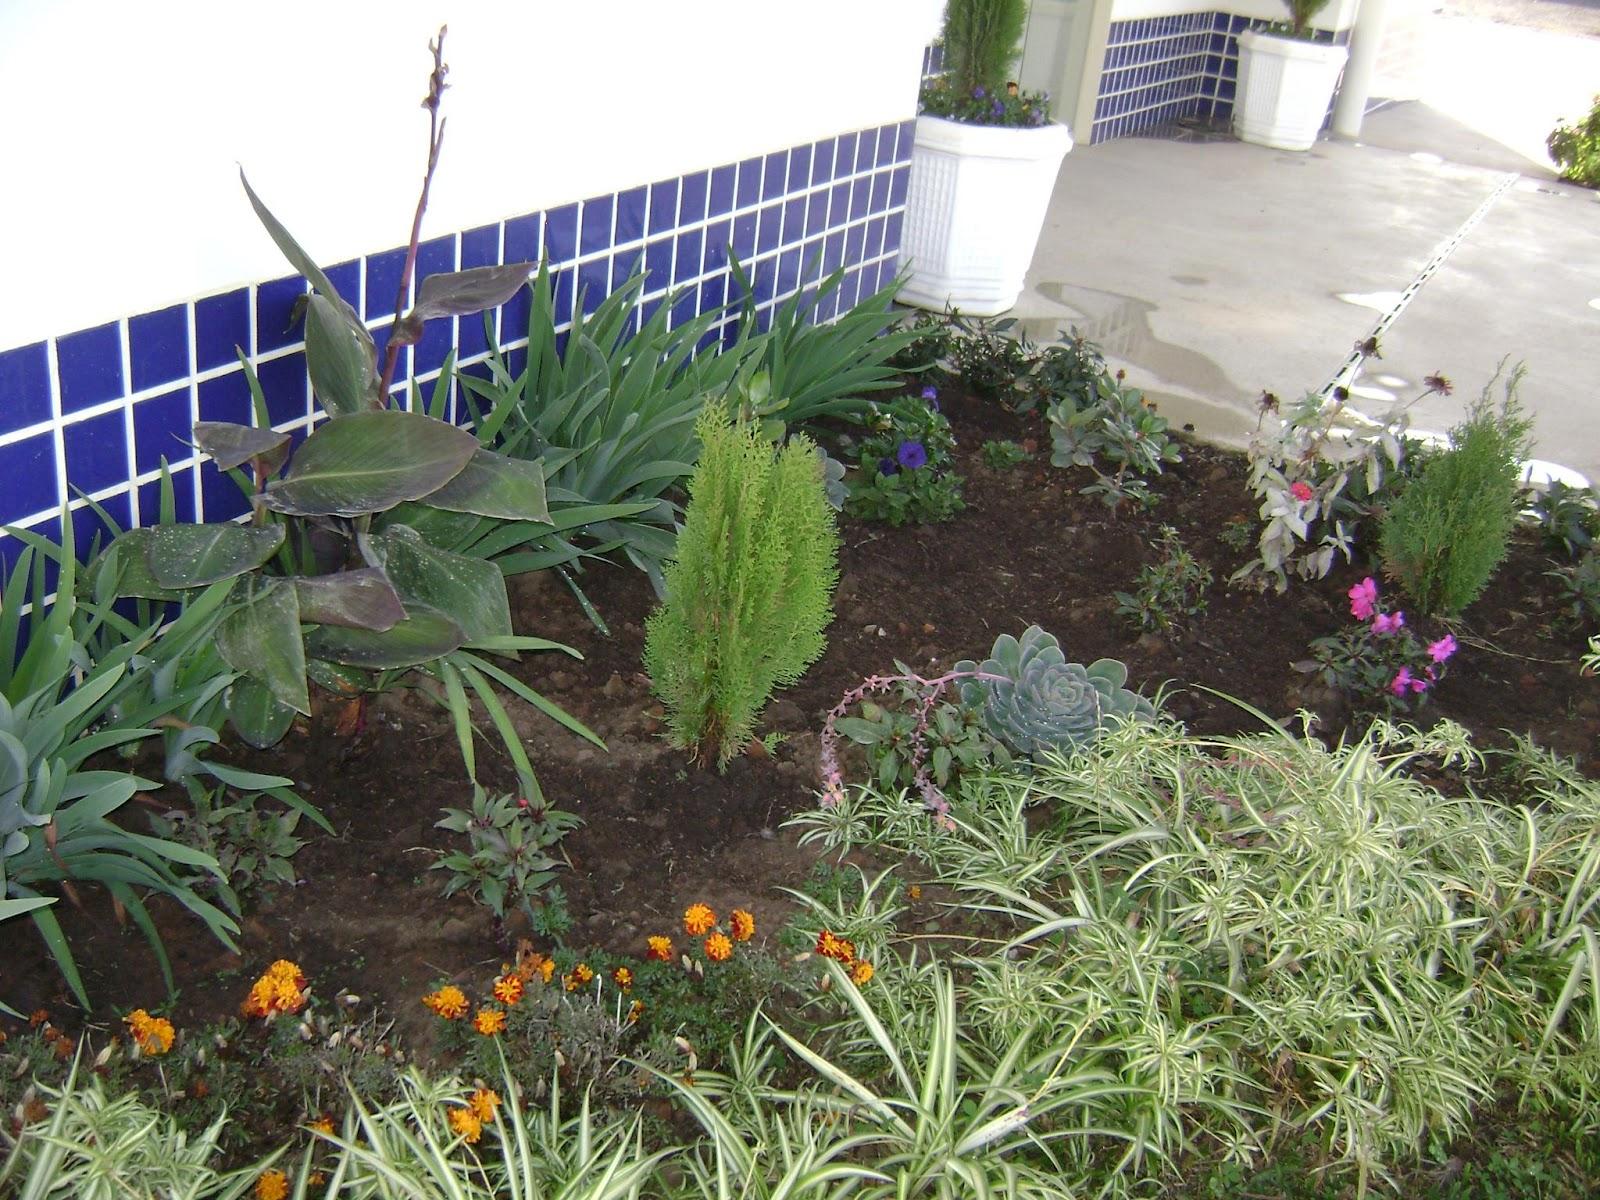 imagens de jardim horta e pomar : imagens de jardim horta e pomar:Carahá de Cara Nova: Horta, pomar e jardim do CEIM Profª Valéria